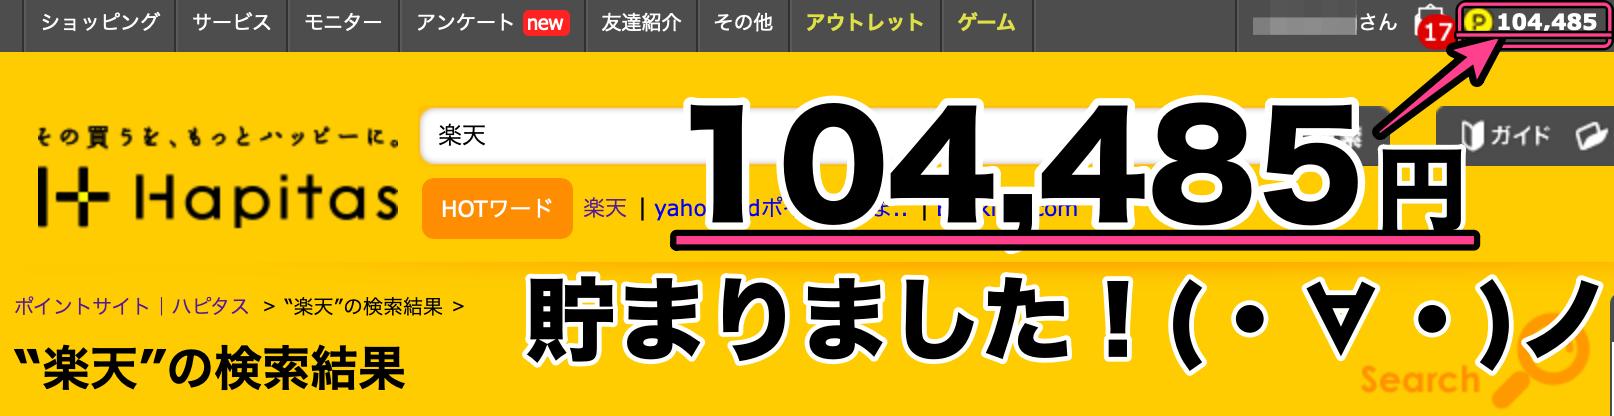 ハピタスで10万円貯まった!